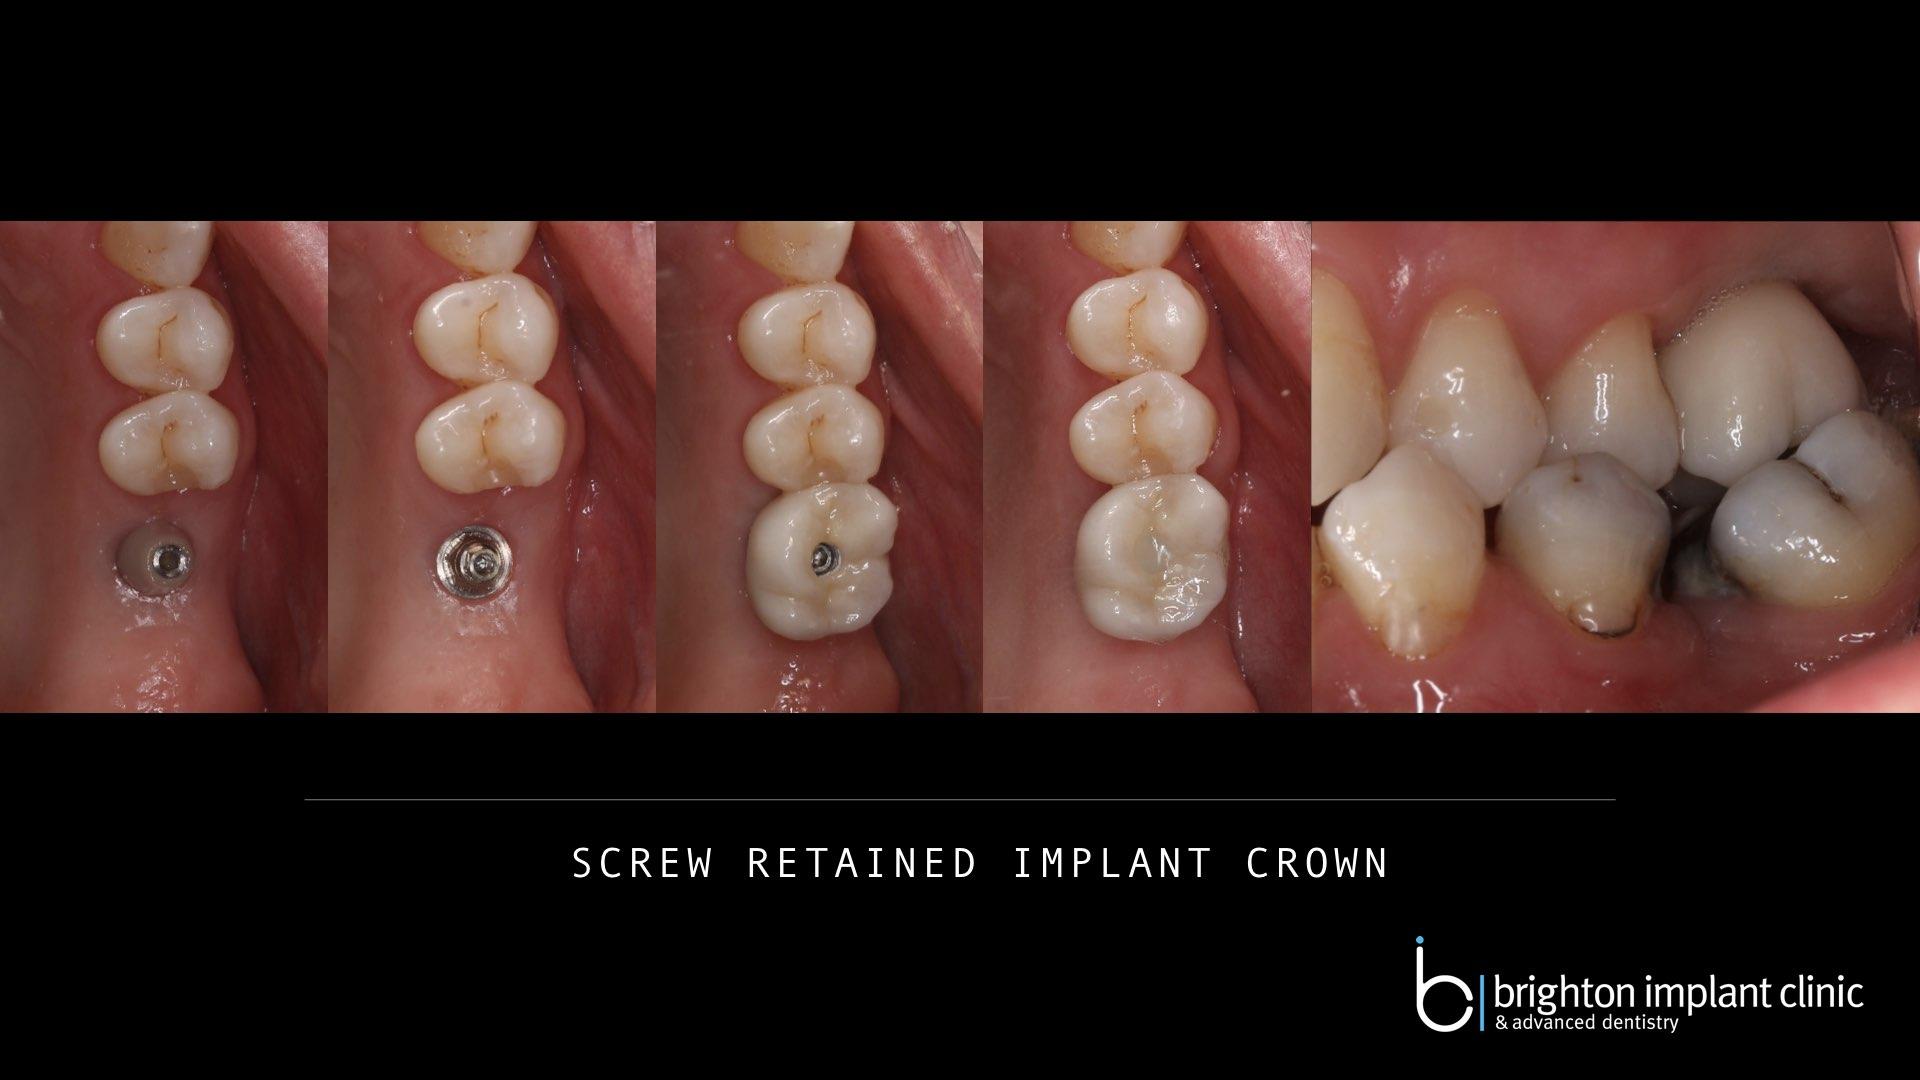 titanium implant, screw retained crown